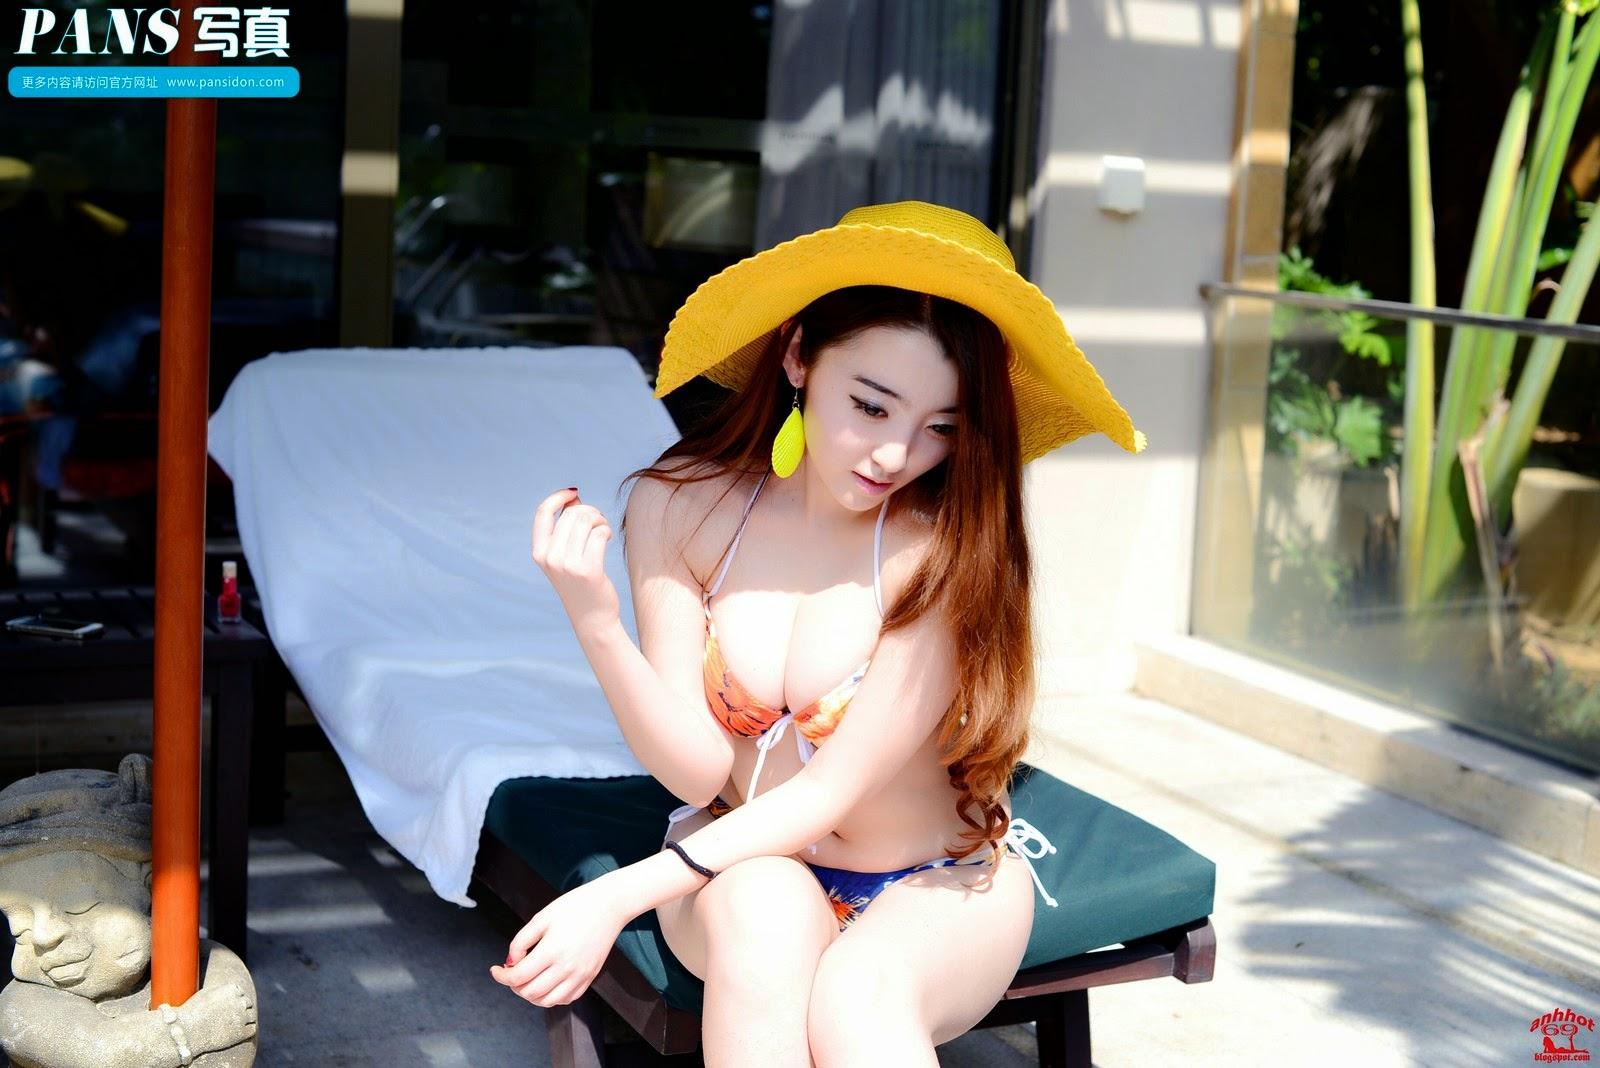 zi_xuan-pansidon-02535143